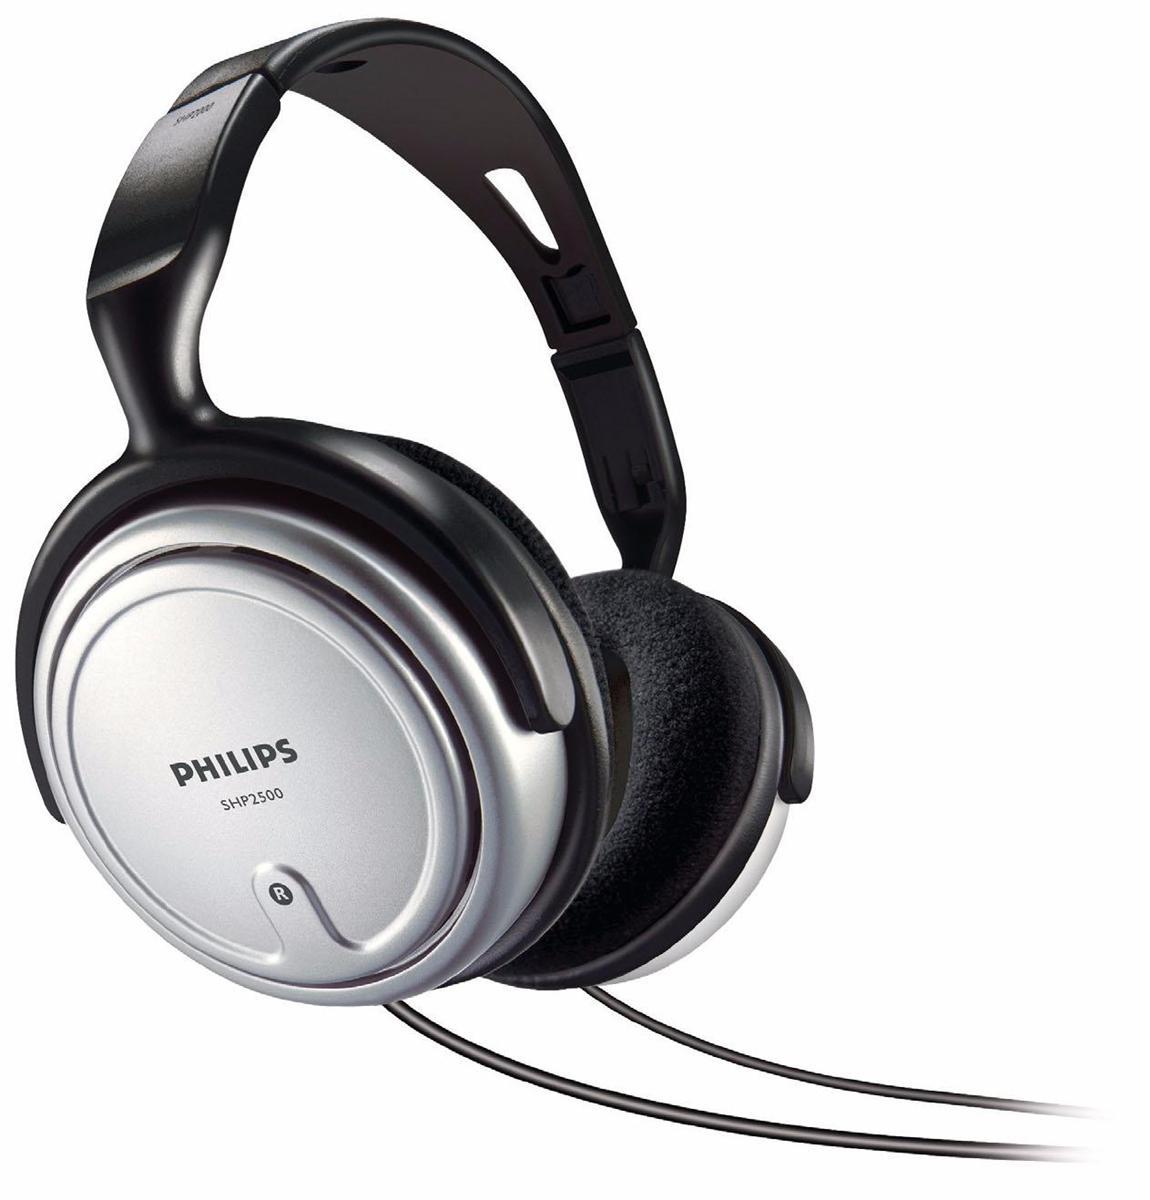 Philips SHP2500 Indoor Corded TV Headphone